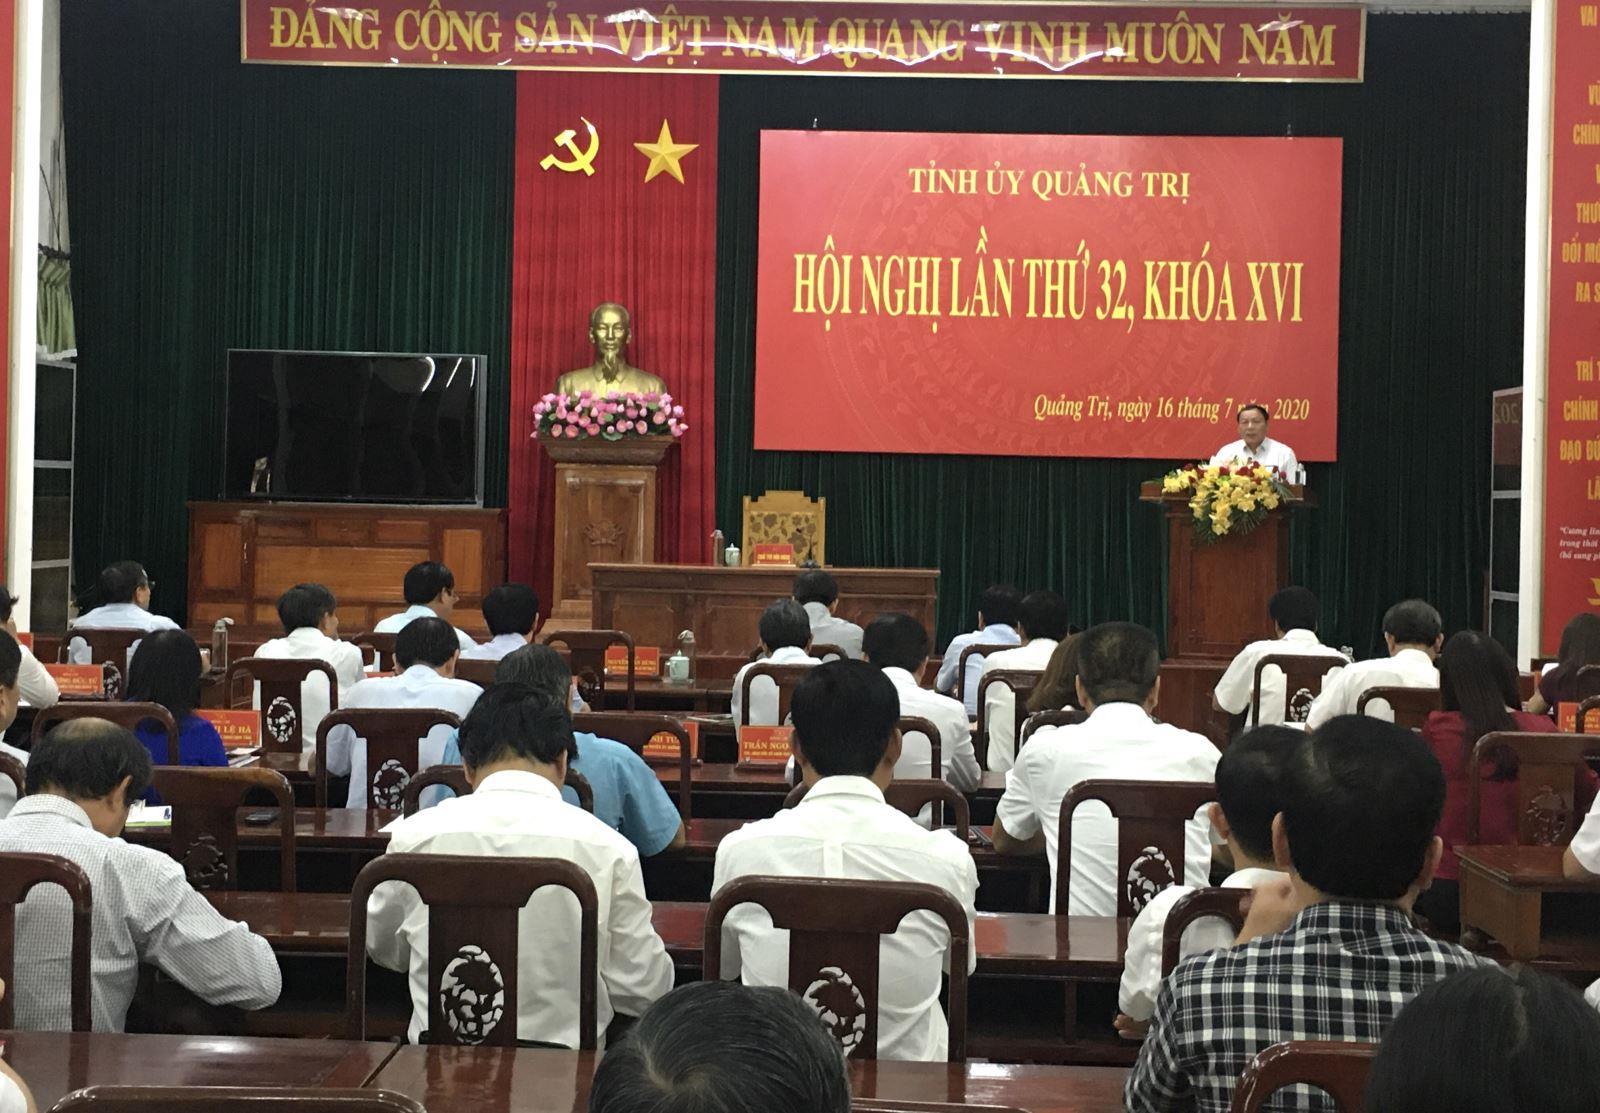 Hội nghị Ban Chấp hành Đảng bộ tỉnh lần thứ 32